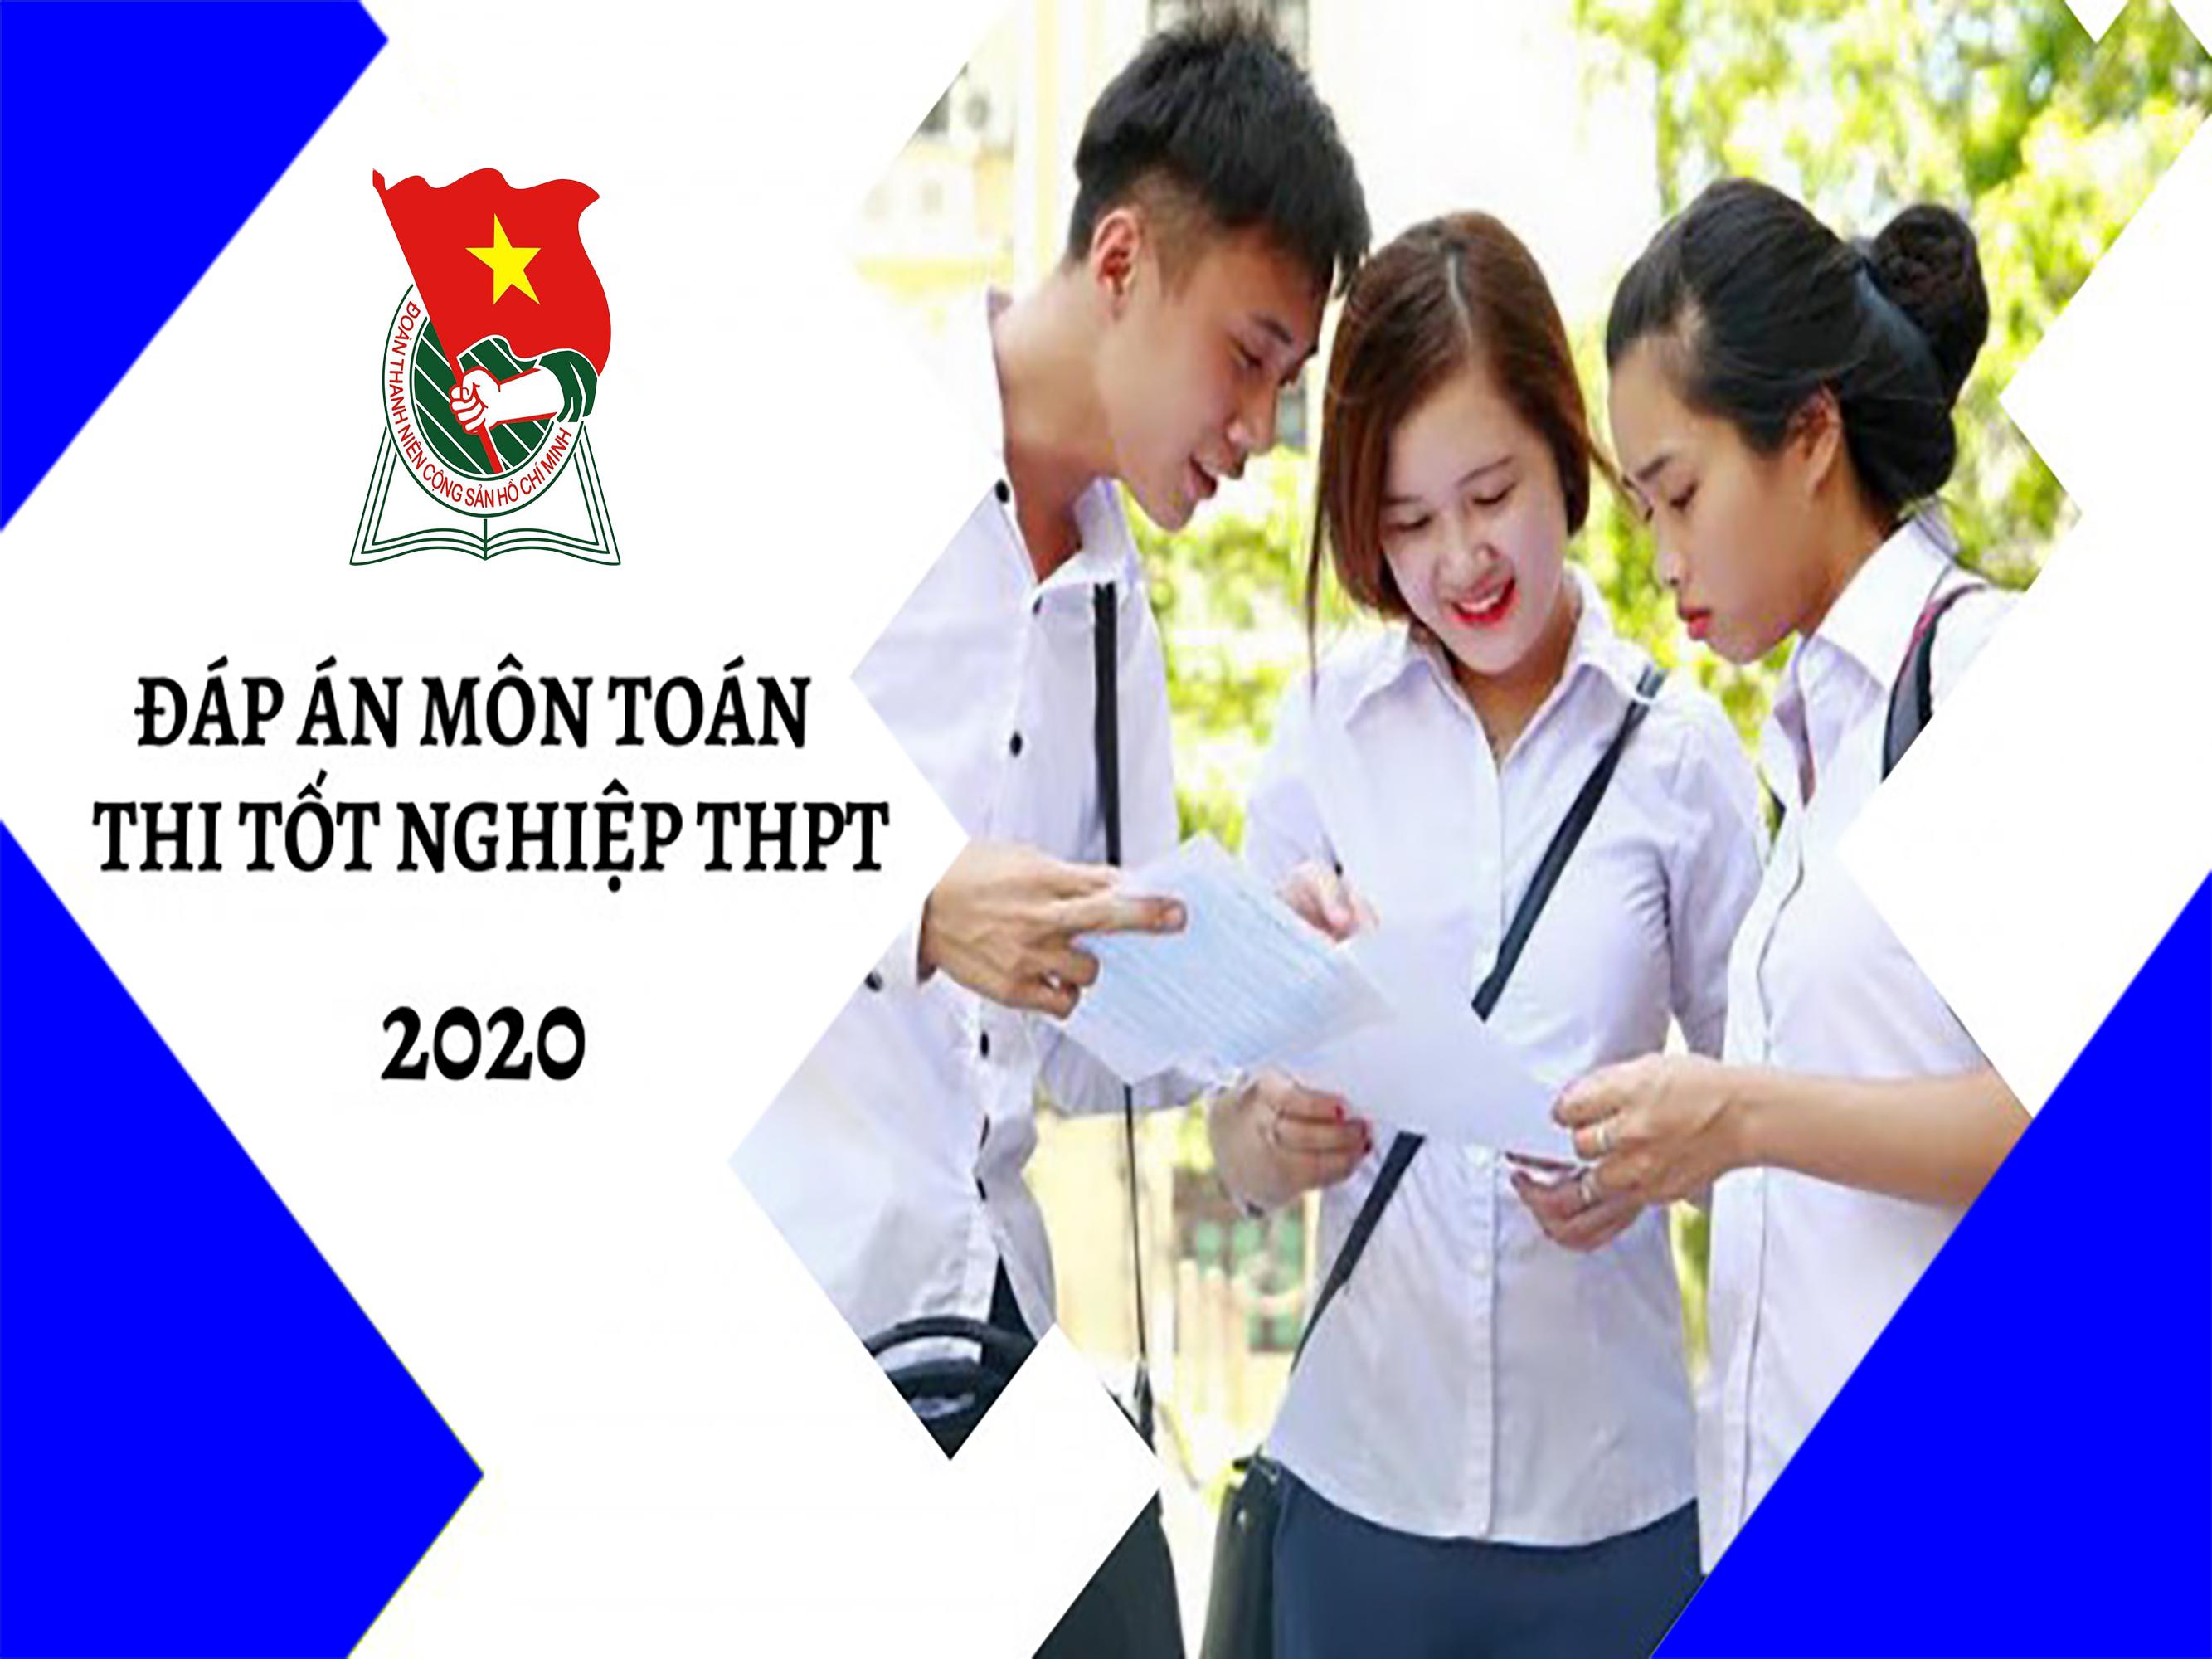 Gợi ý đáp án môn Toán thi tốt nghiệp THPT 2020